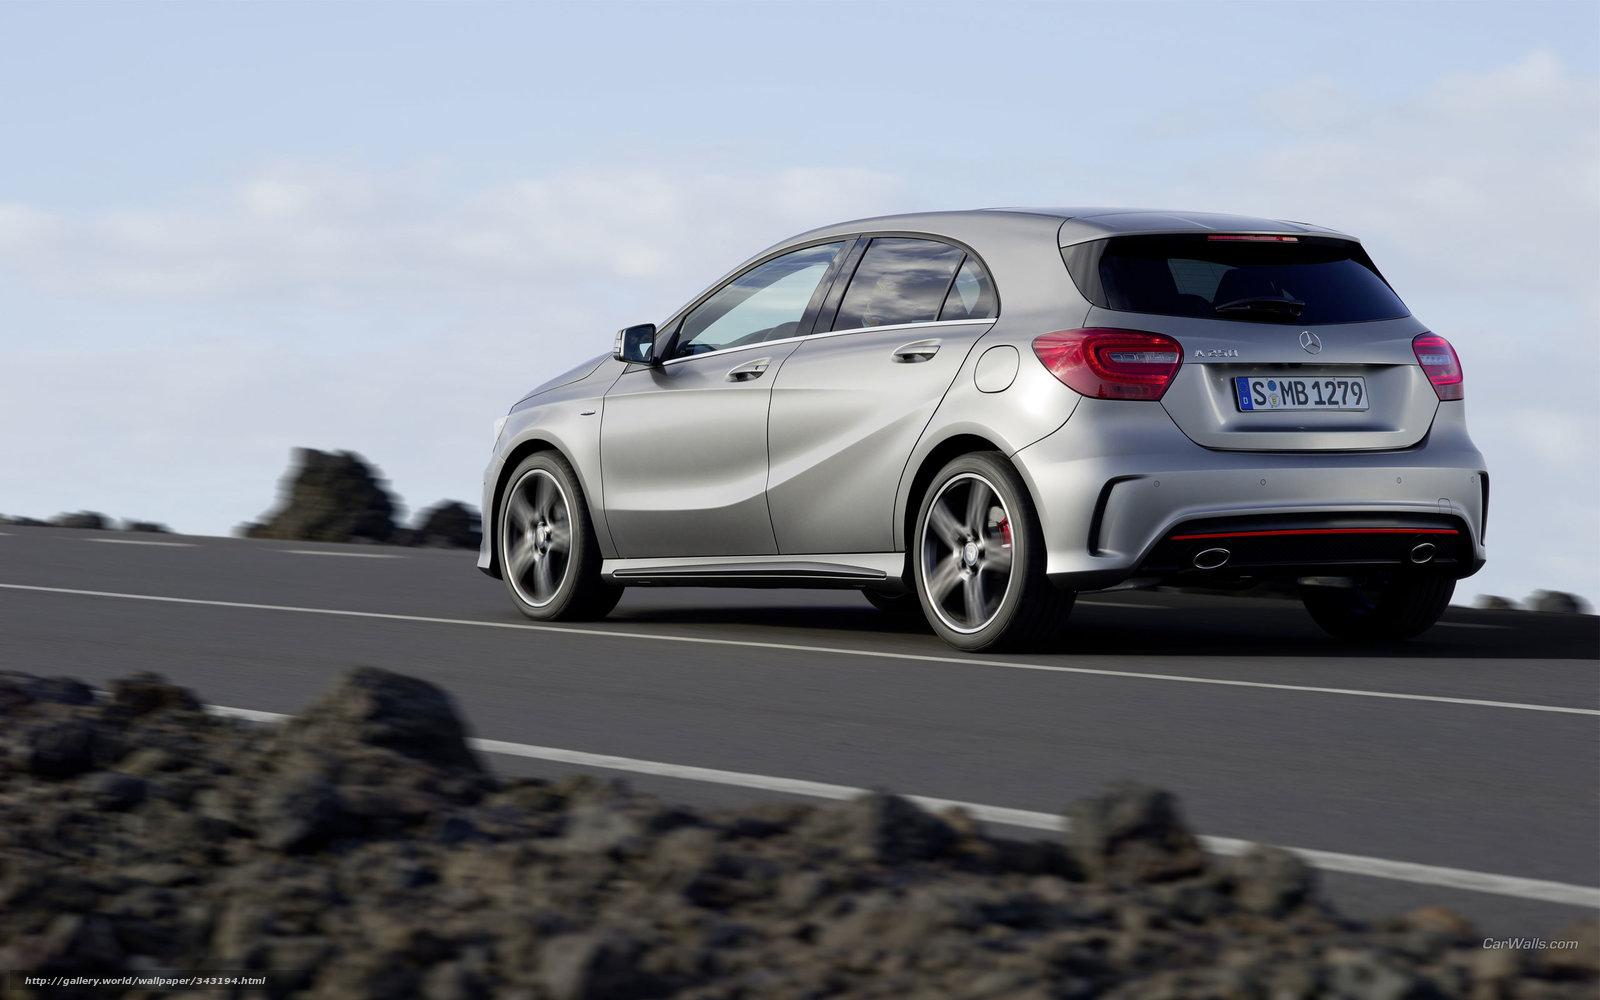 Tlcharger Fond D Ecran Mercedes Benz Une Classe Voiture